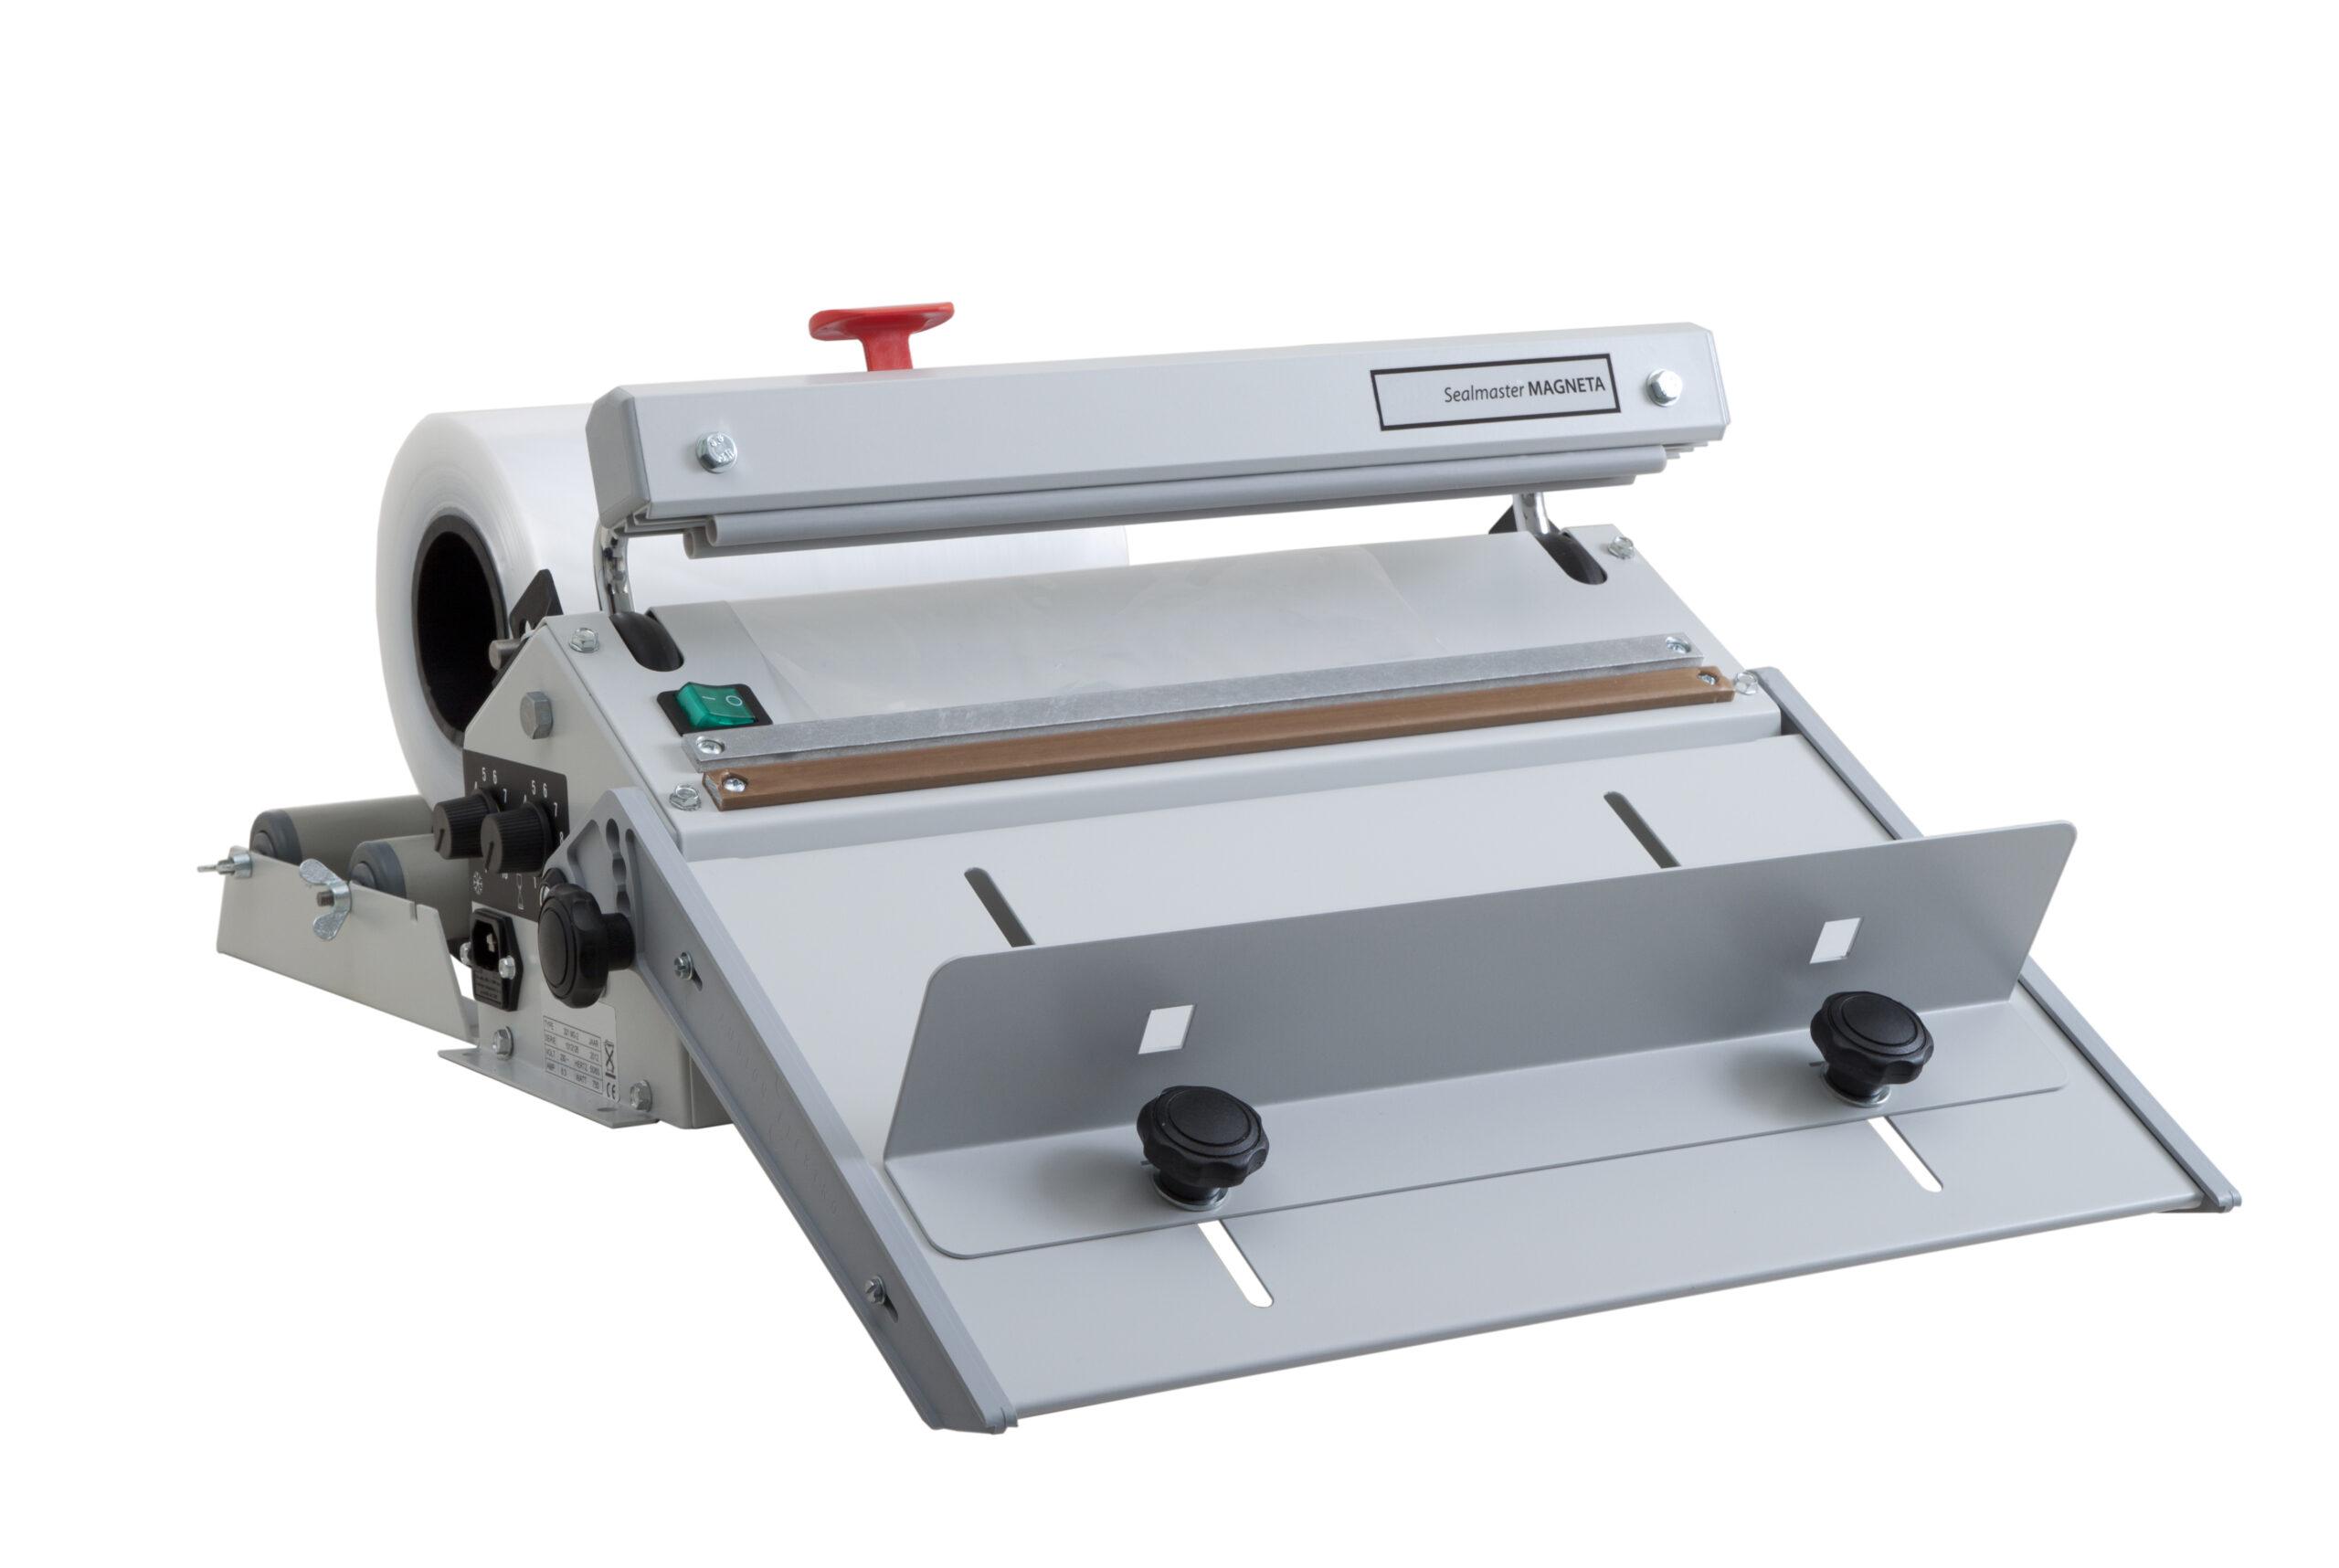 Folien-Schweißgerät Sealmaster Magneta mit Abroller und Anstecktisch